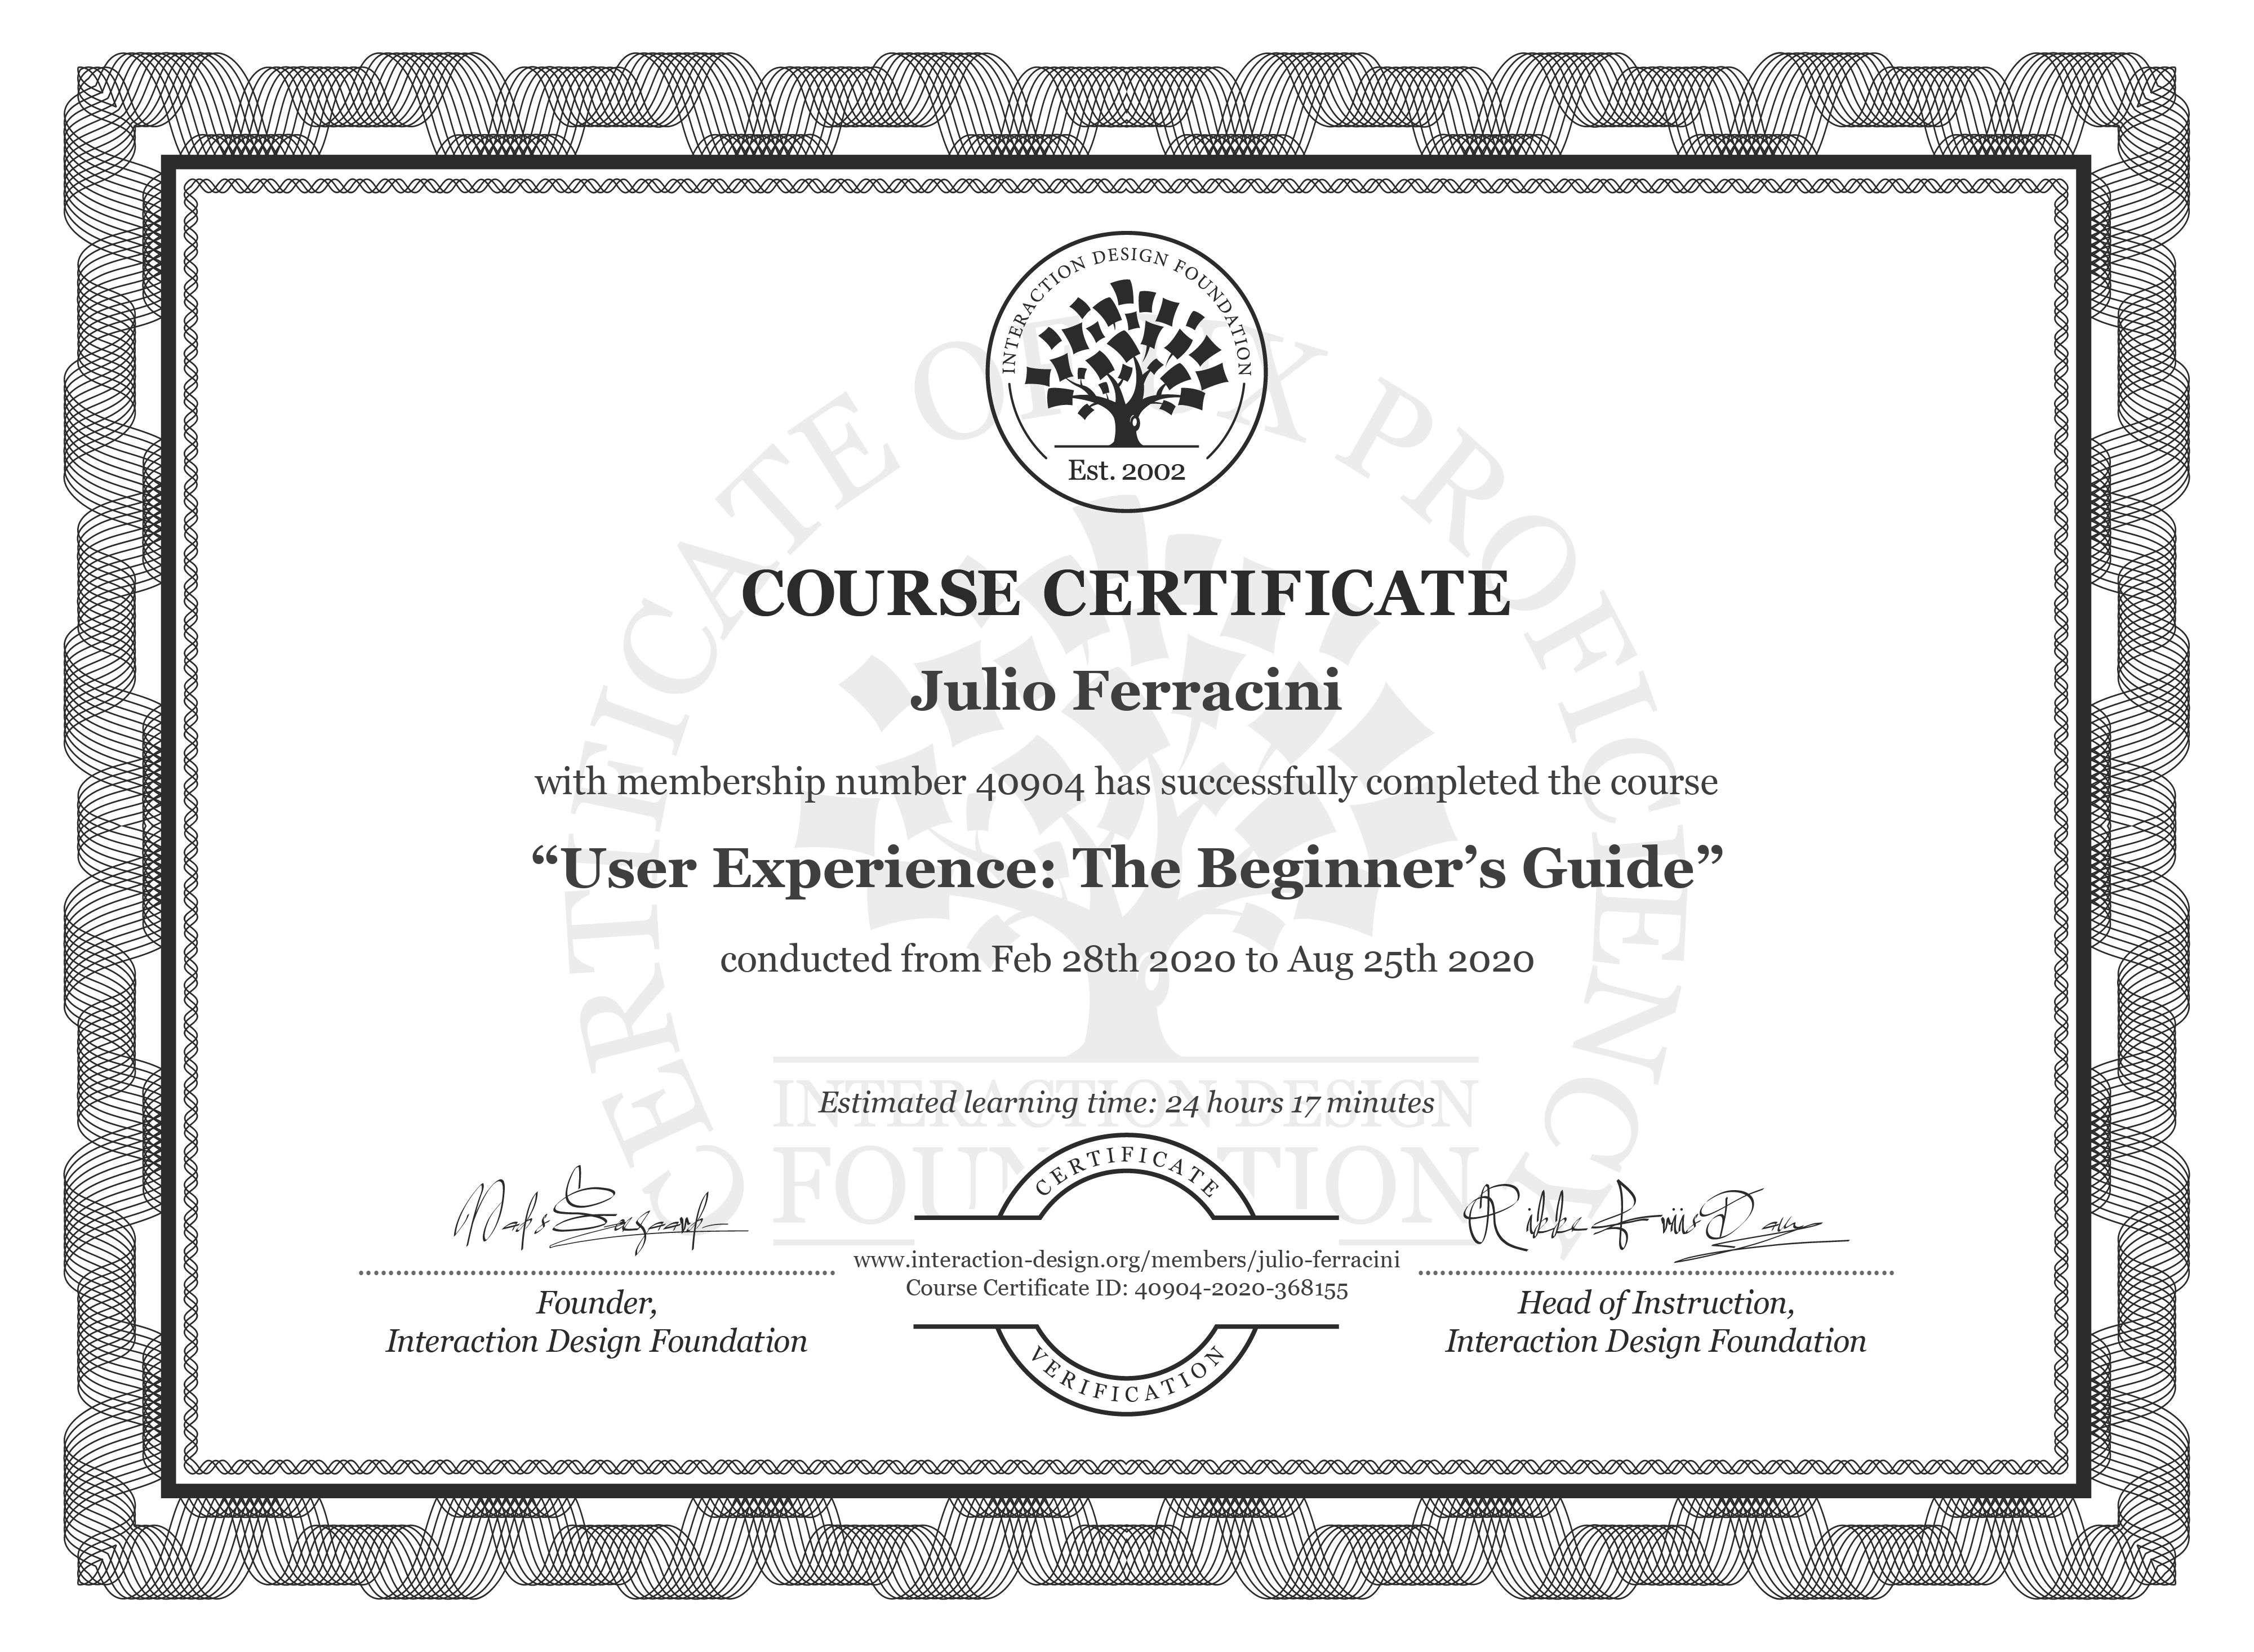 Julio Ferracini's Course Certificate: Become a UX Designer from Scratch